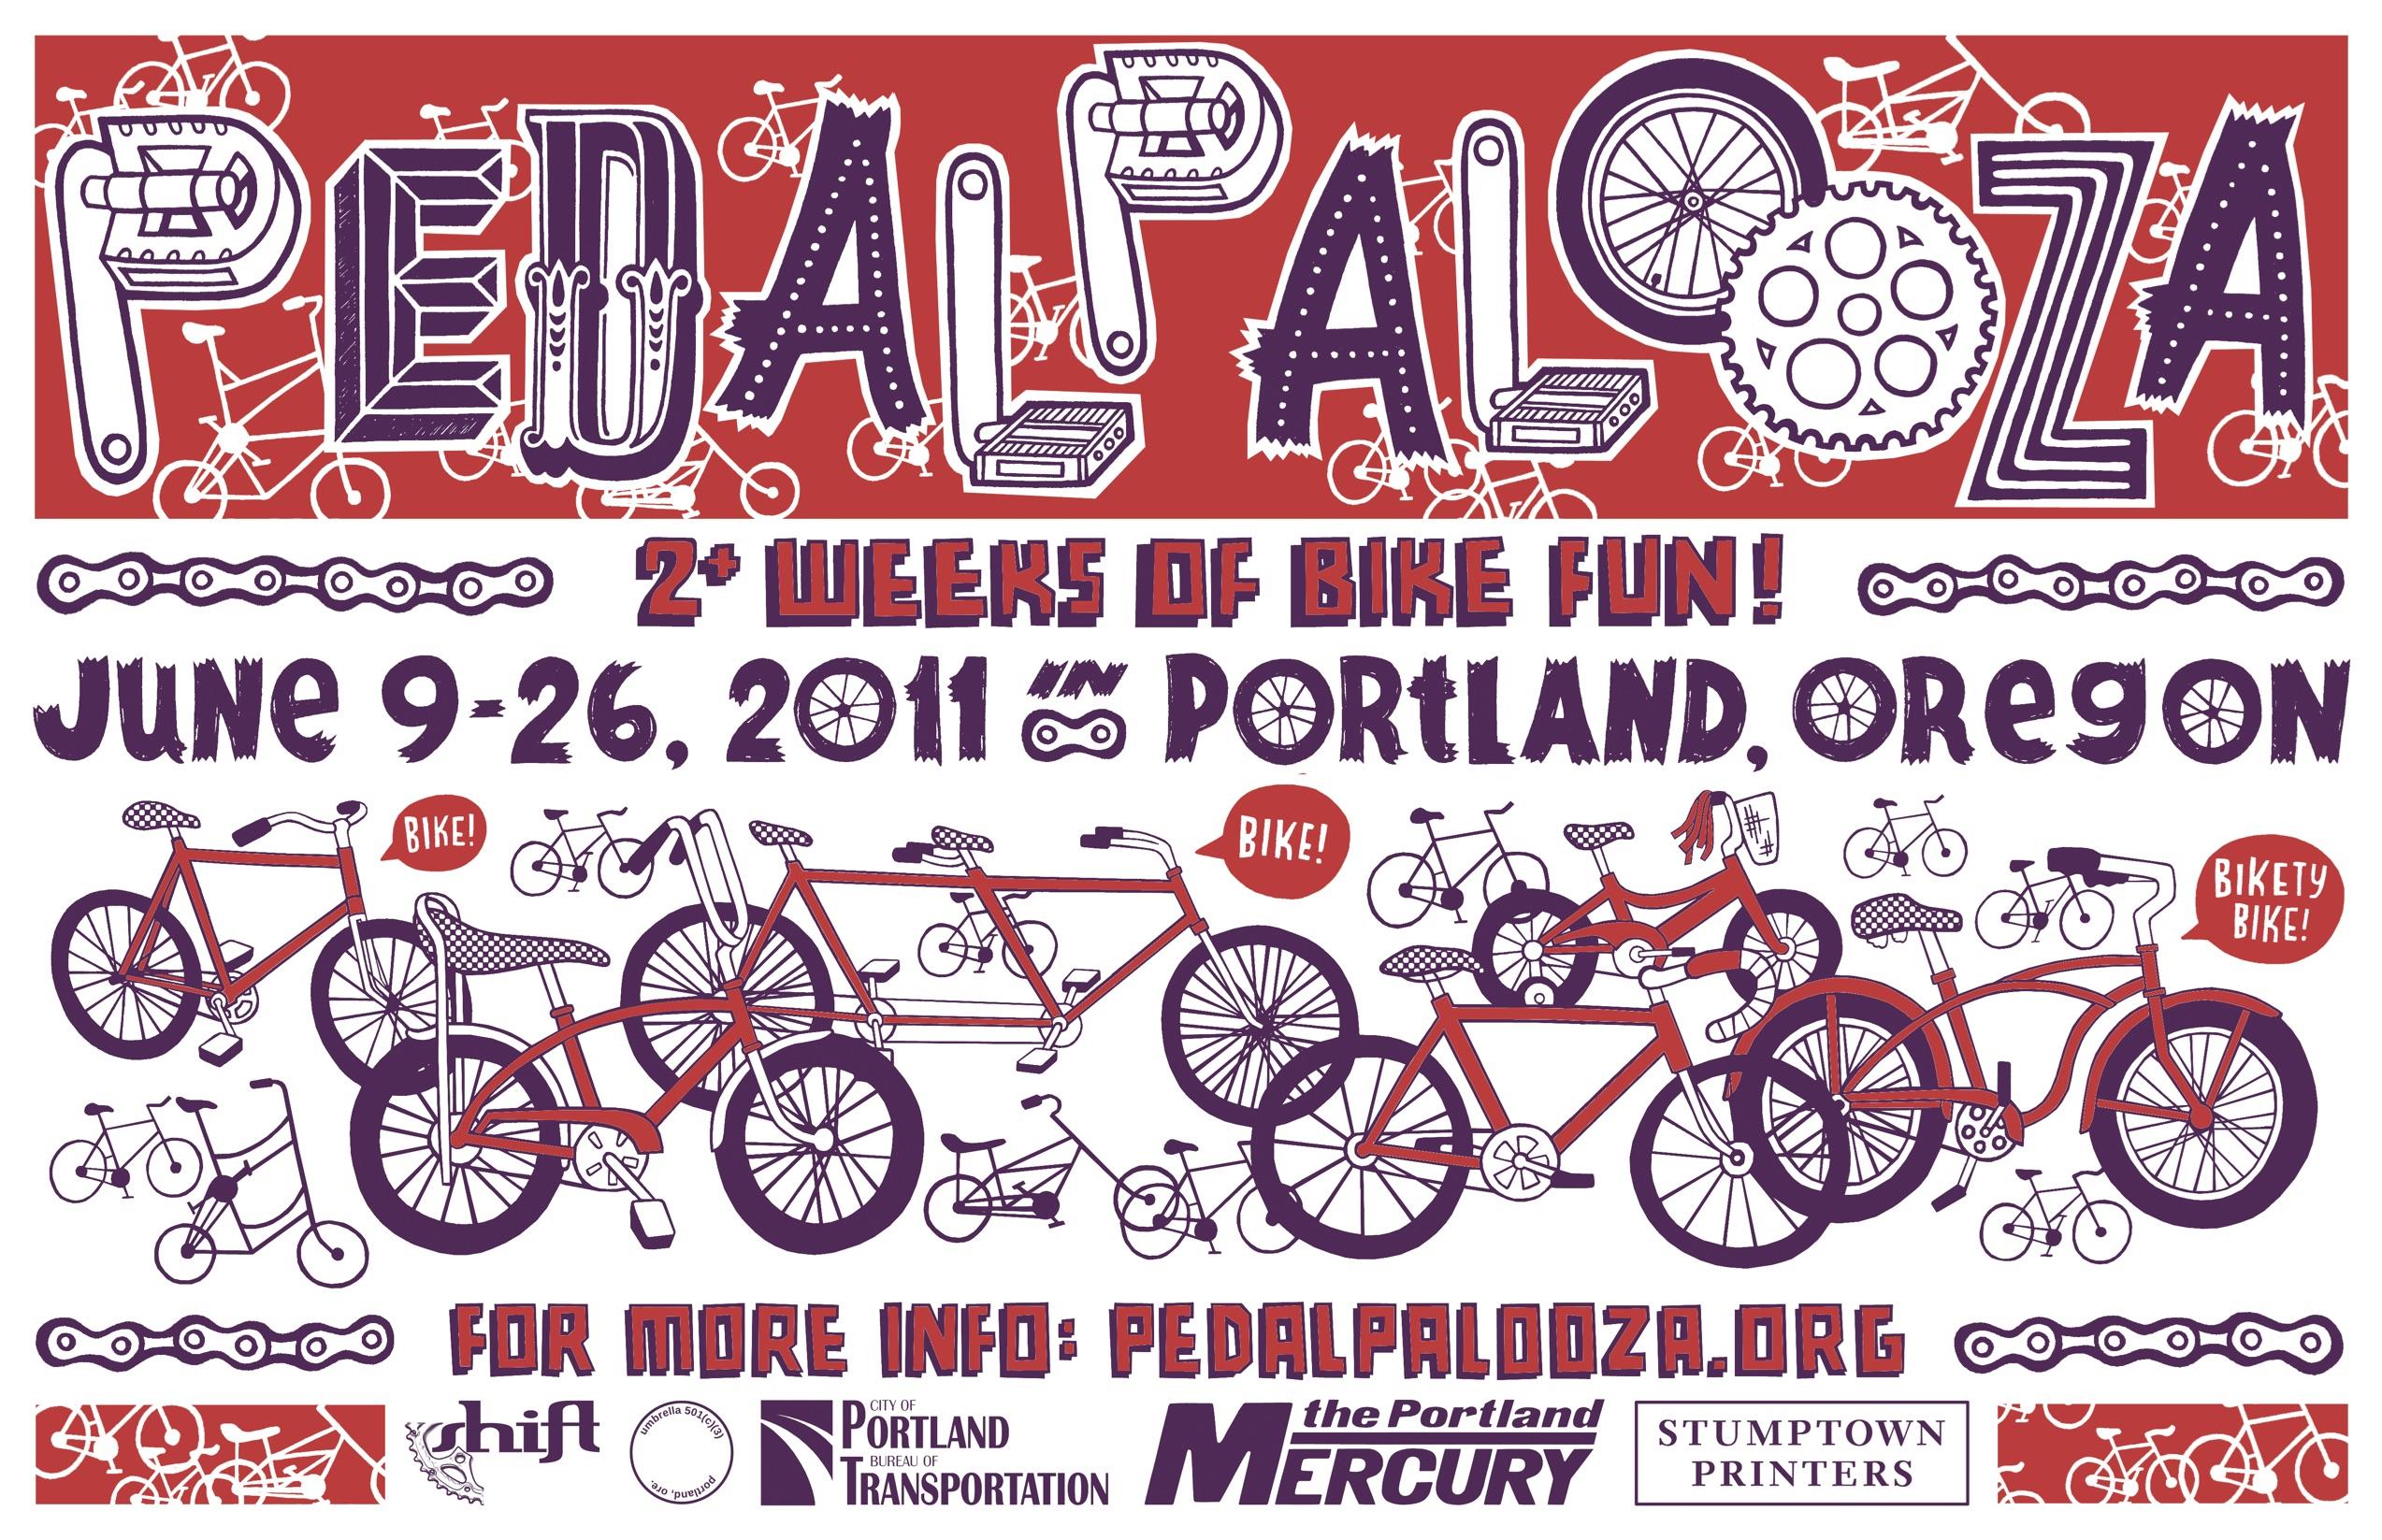 2011 Pedalpalooza calendar - Shift